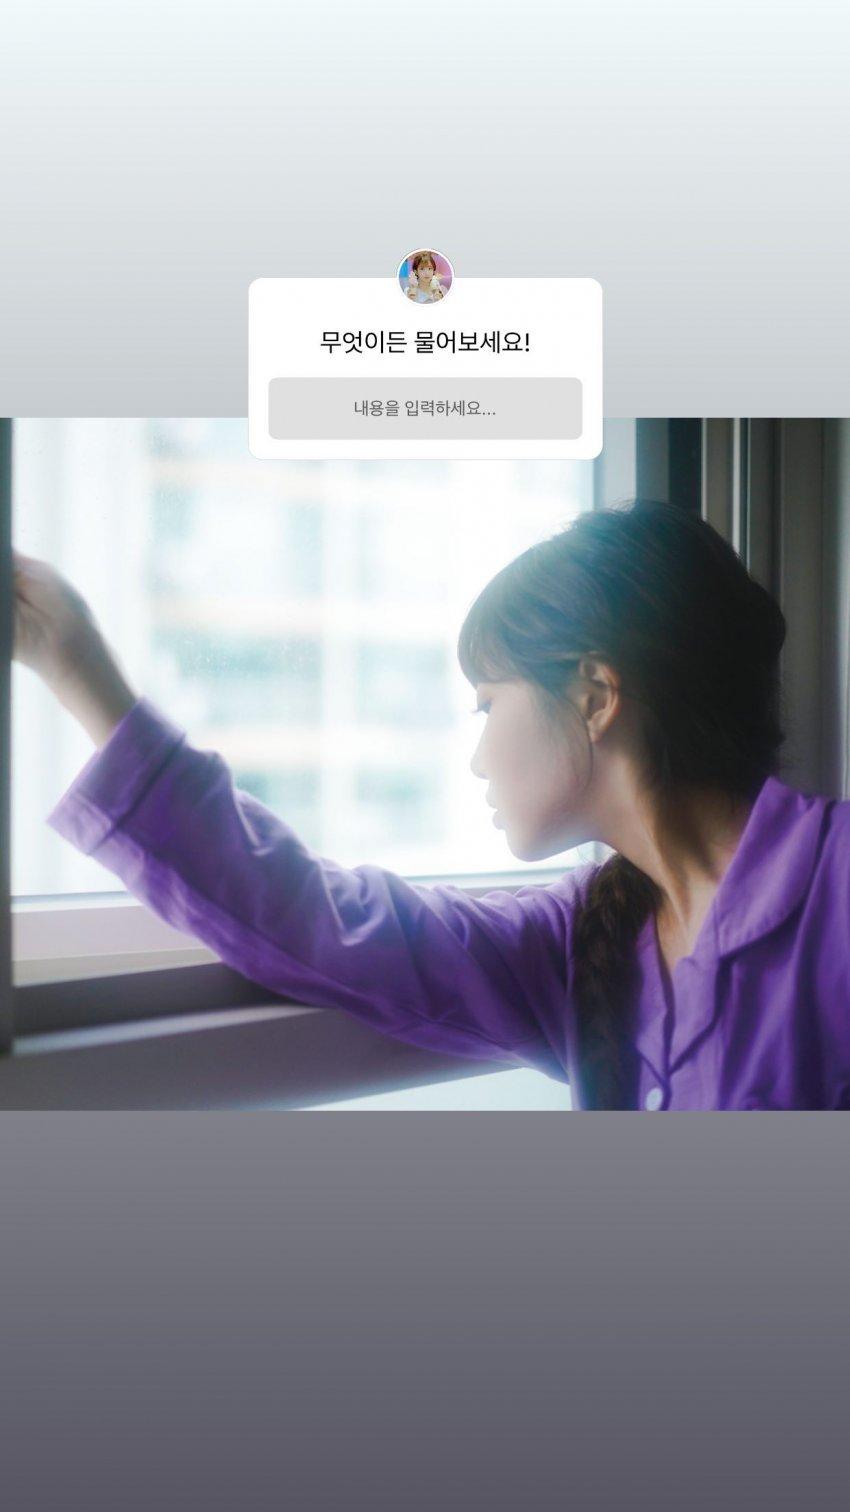 viewimage.php?id=21b2c623e9cb22&no=24b0d769e1d32ca73ceb86fa11d02831eebc6c37c2fa034916fac403202505e6b43c1581ed69e6354873190a0f9f64d36930fe4d77624758b98dc24043d9f31a857c238b6c350a59749392c176817ca8a88fc83893e186ce66